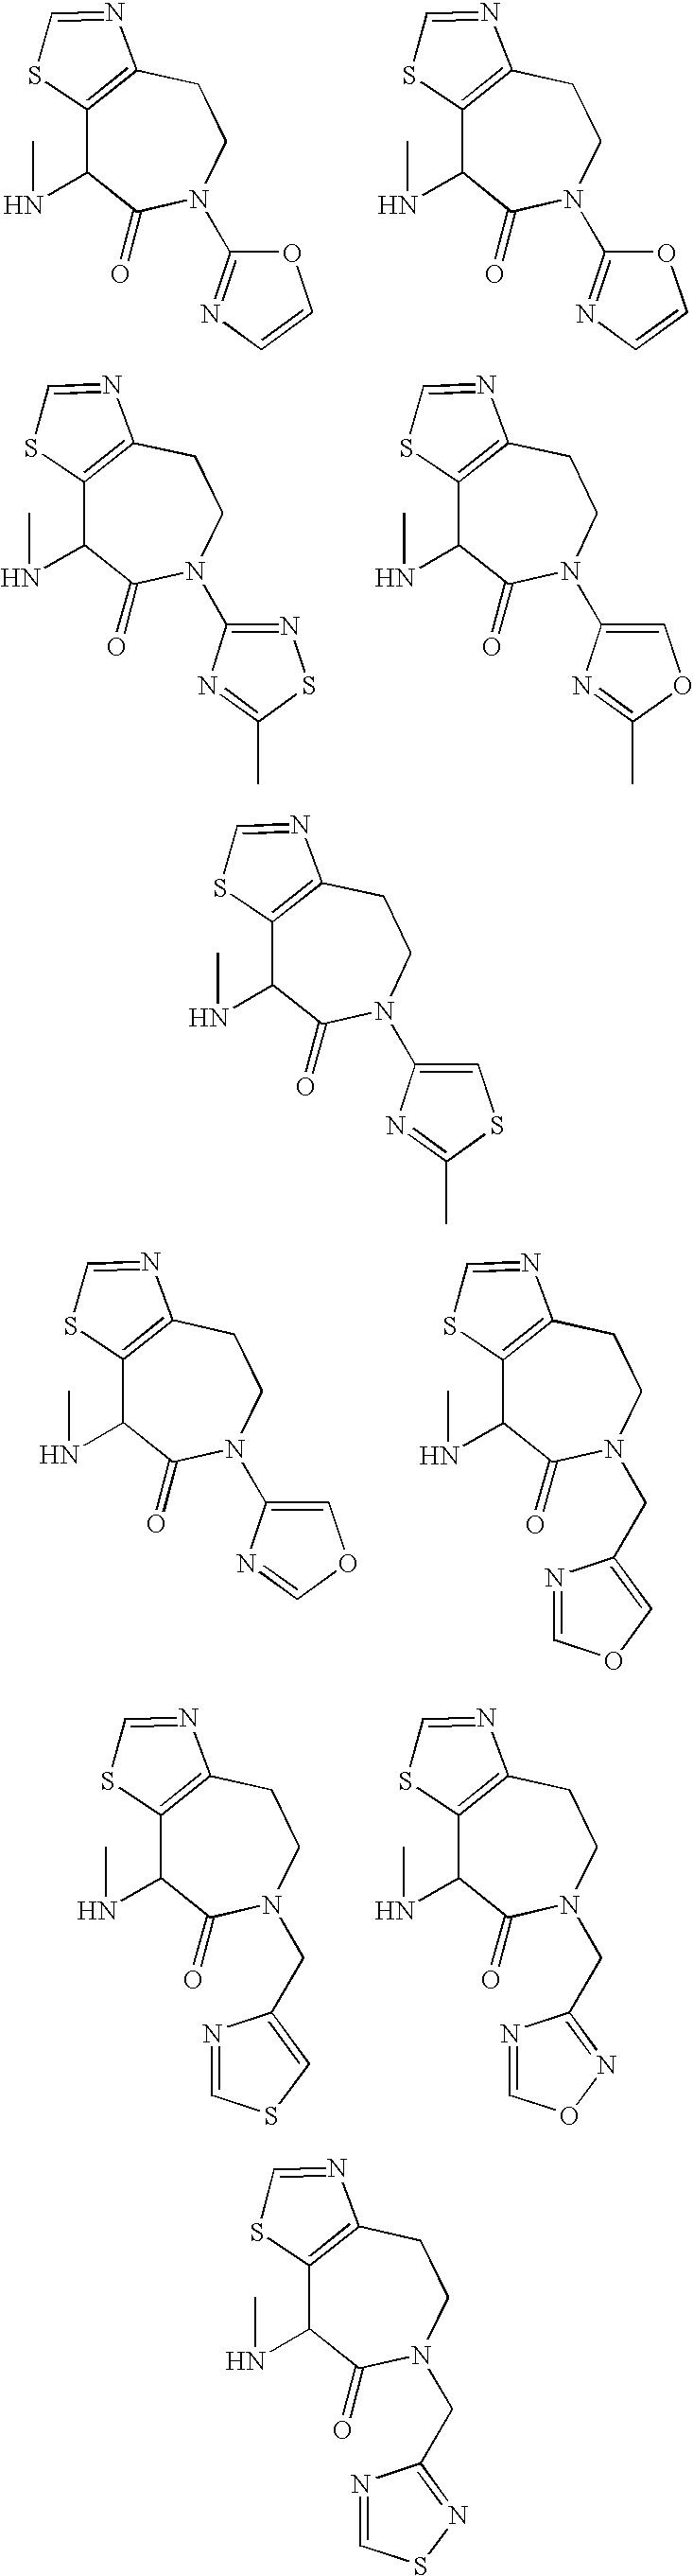 Figure US06509331-20030121-C00095